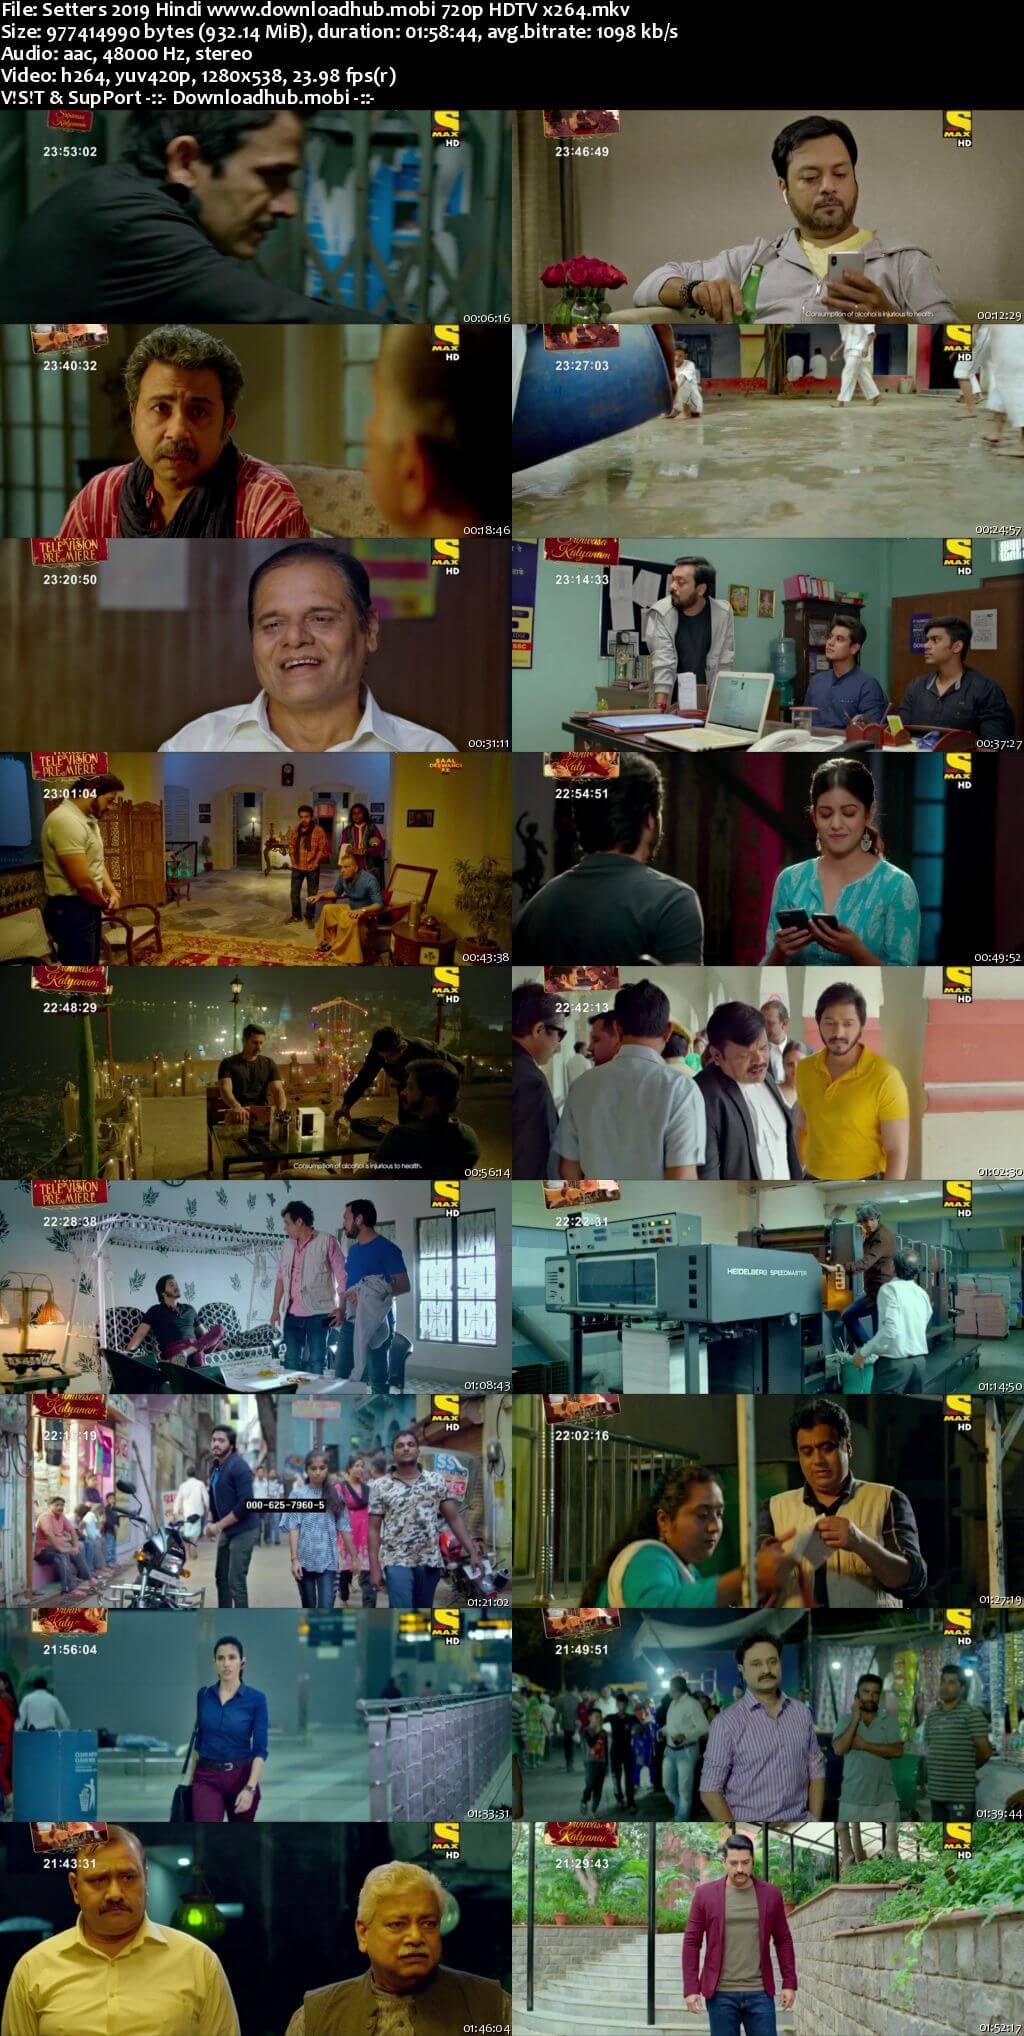 Setters 2019 Hindi 720p HDTV x264